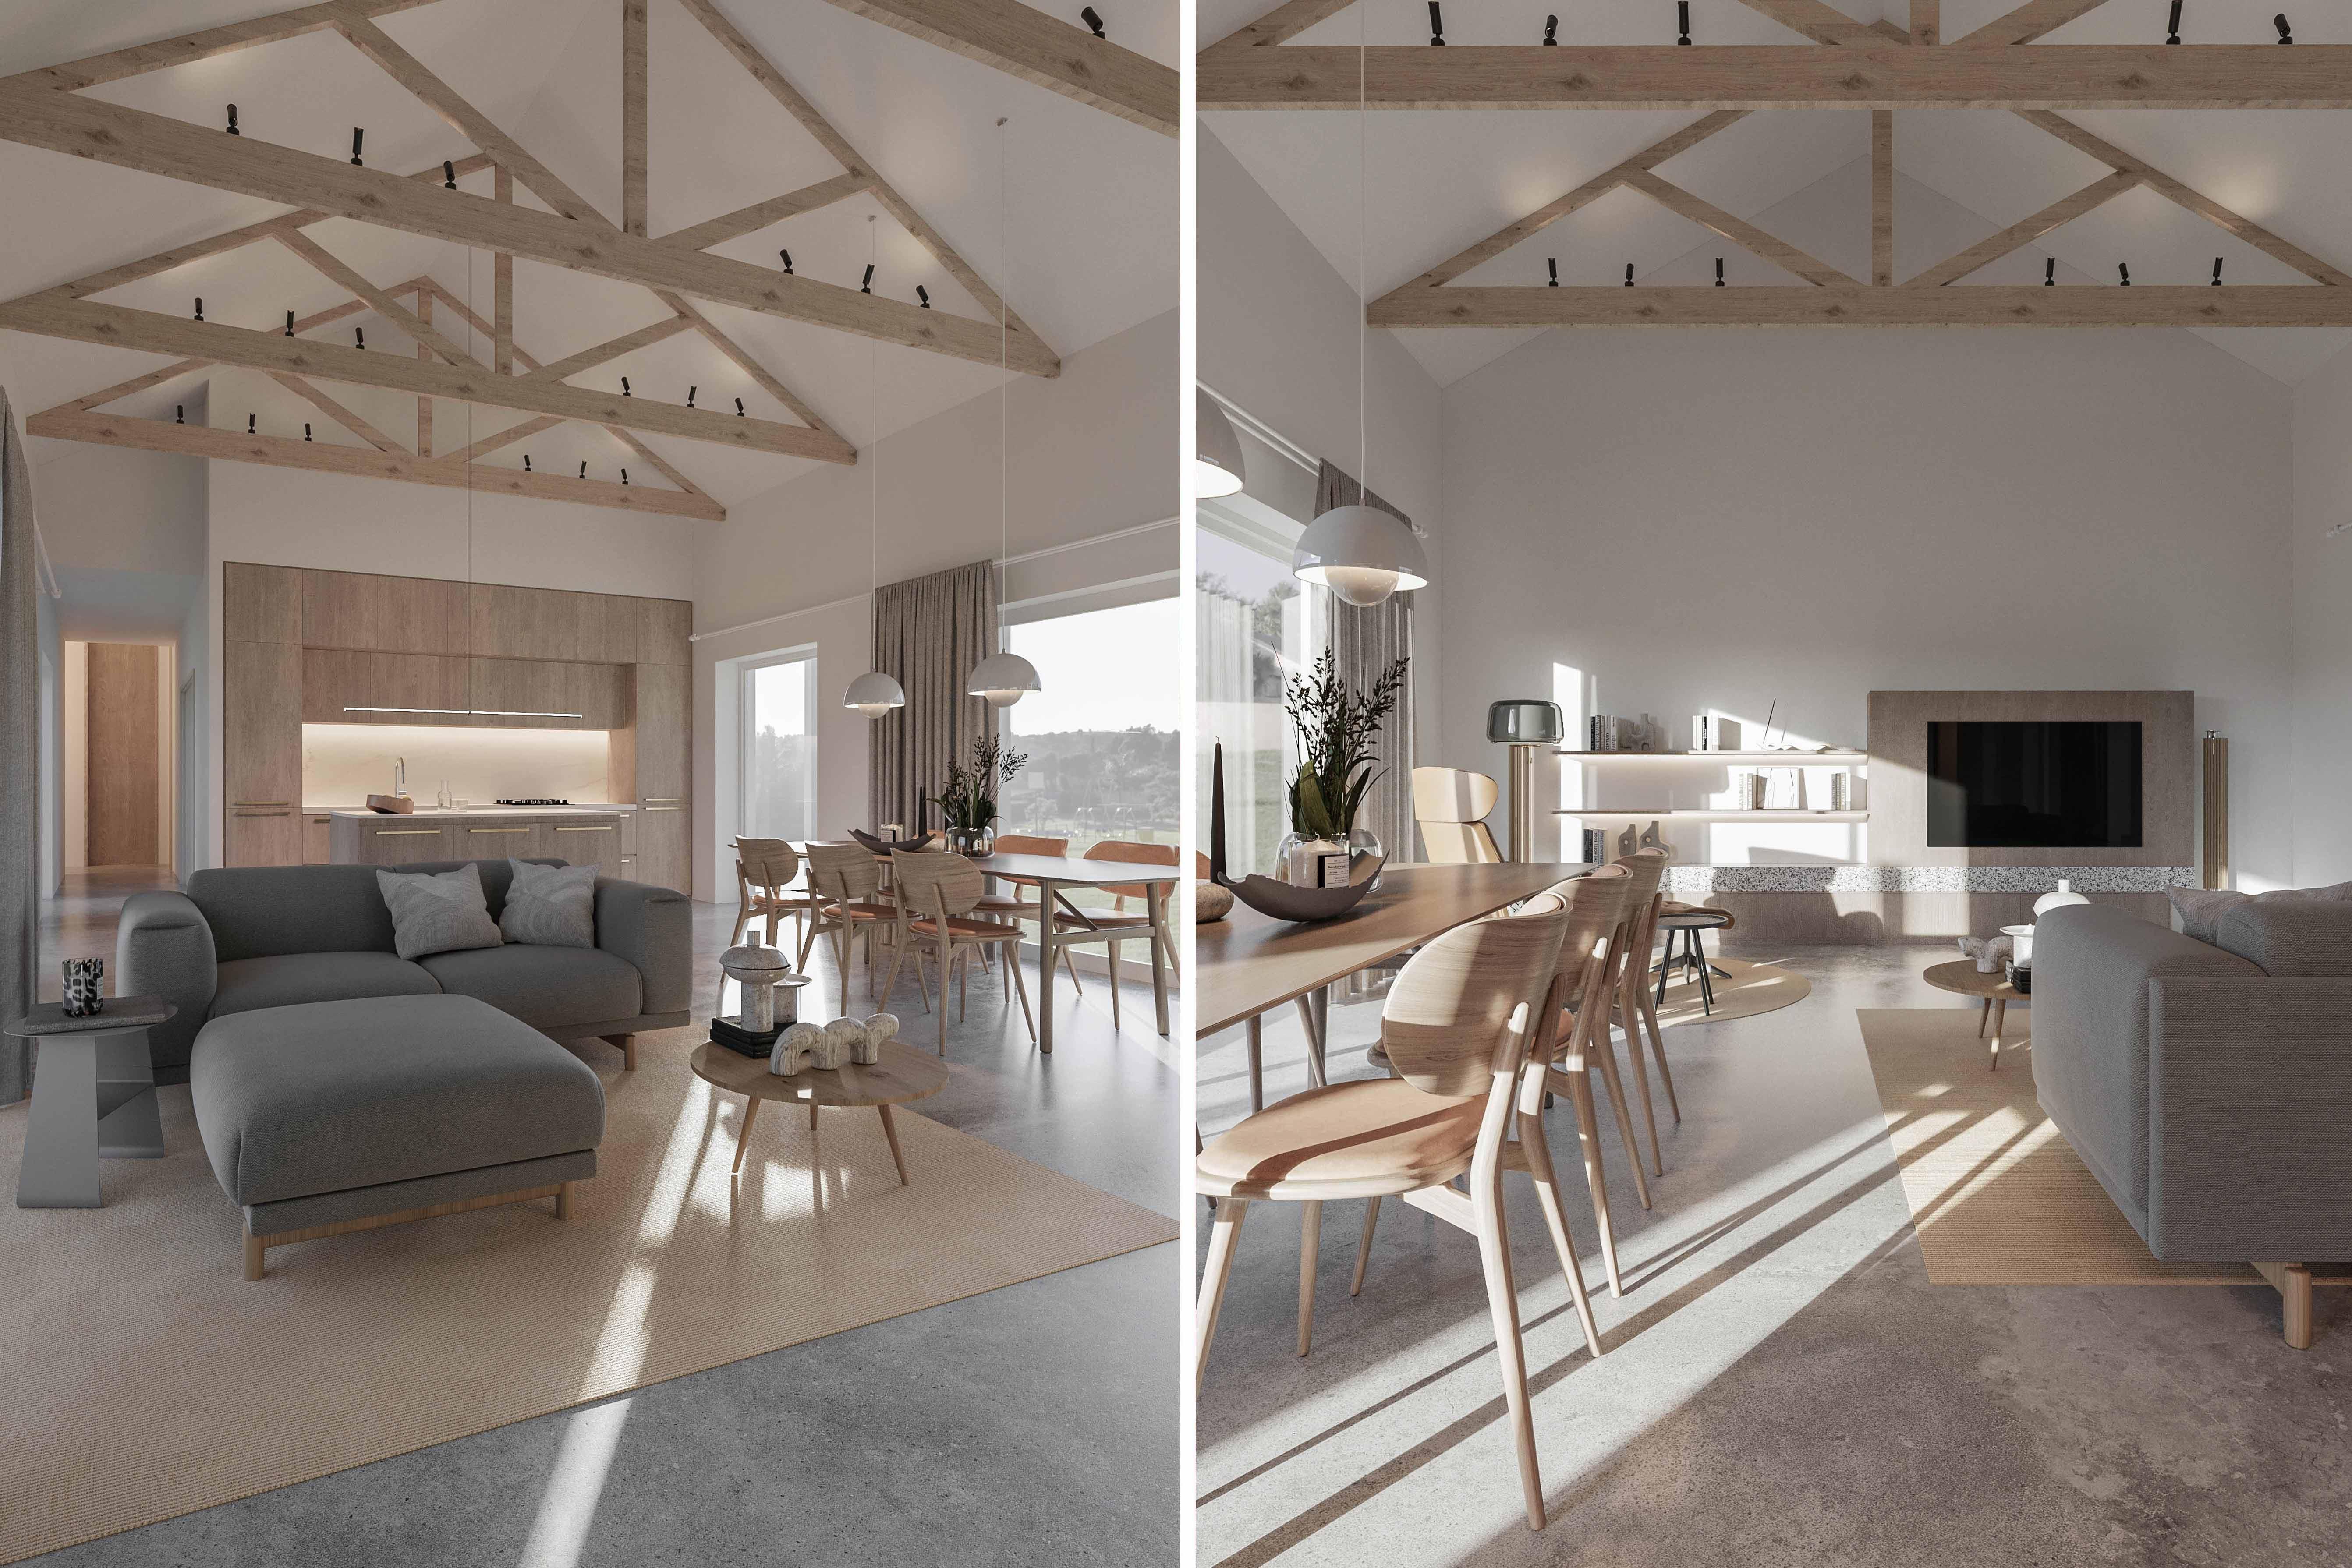 sala and living room